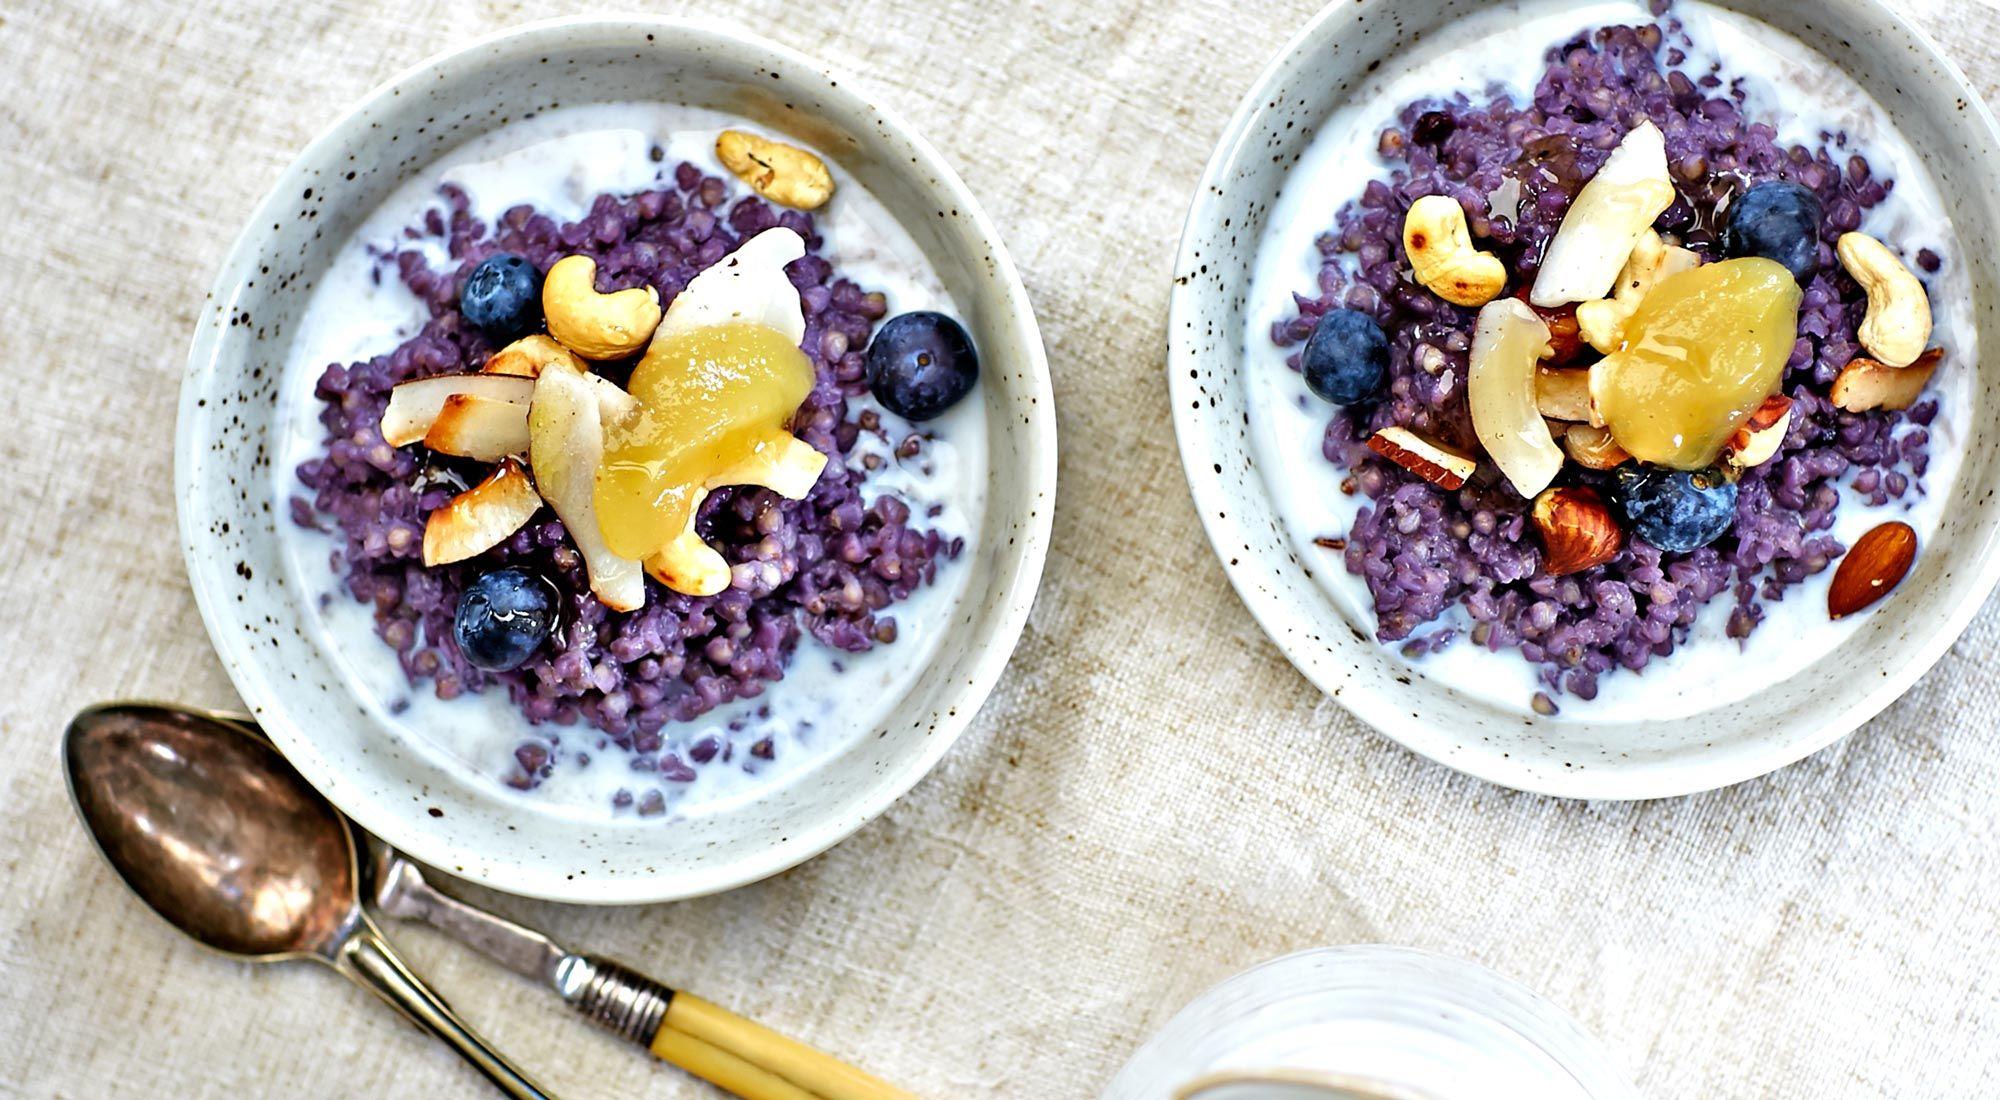 bovetegröt med blåbär och rostad nöt- och kokosmix - recept